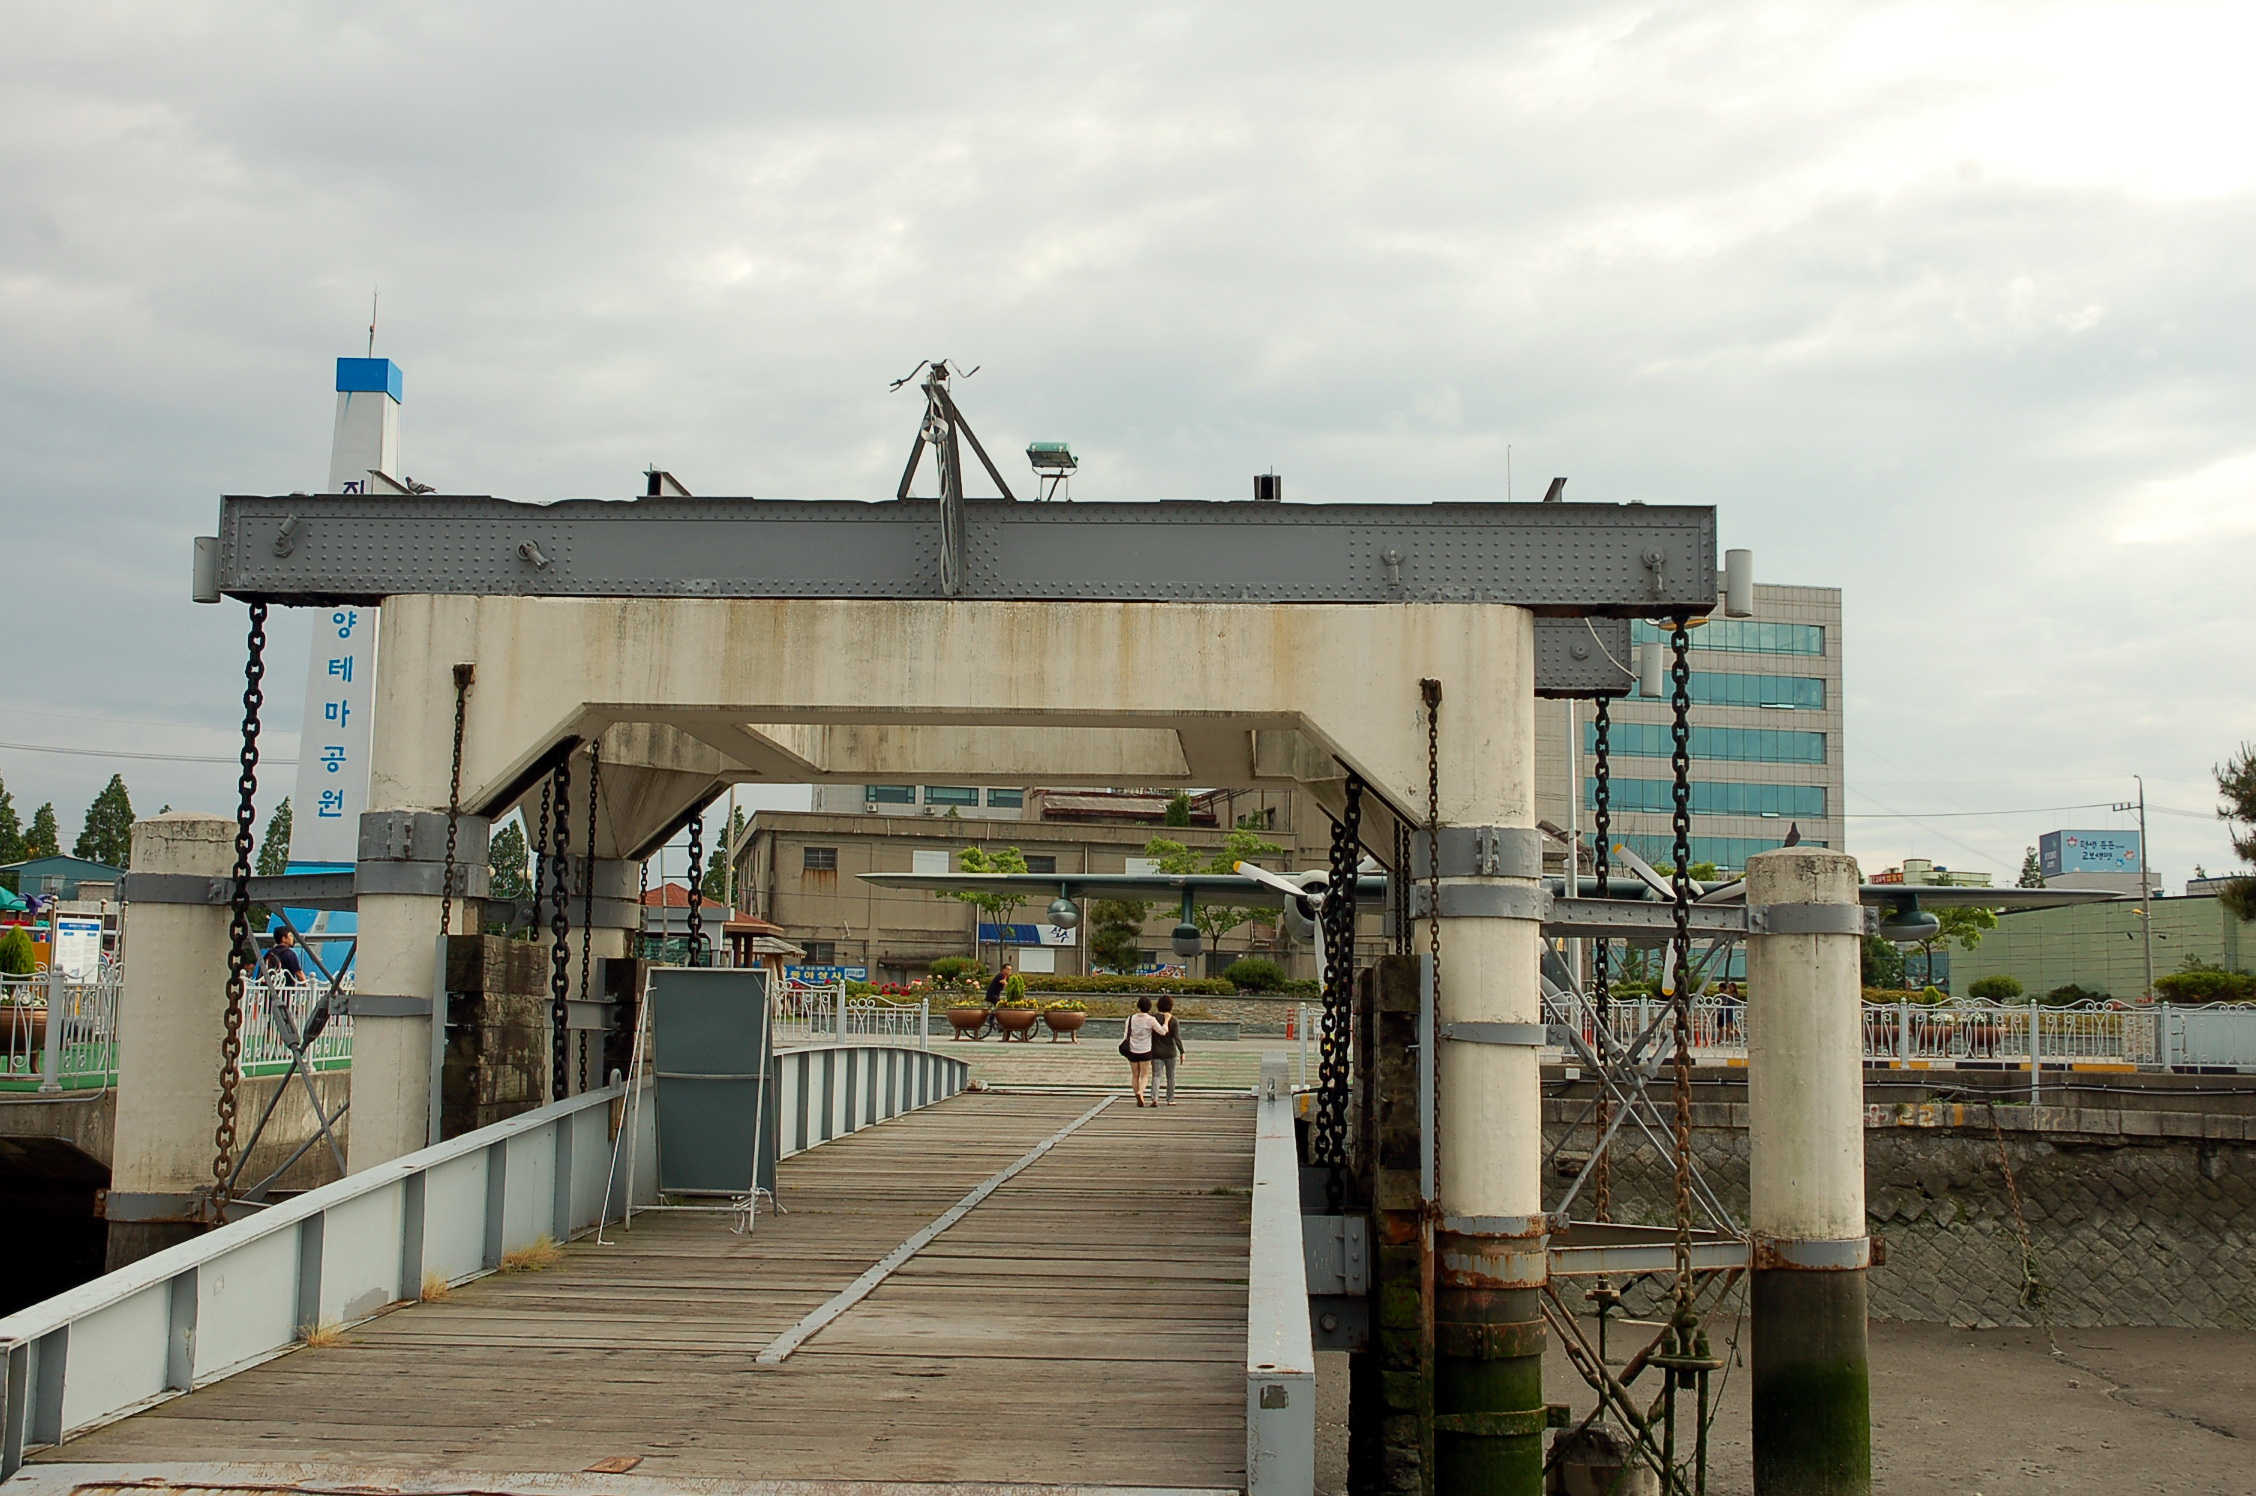 군산진포해양공원, 조수간만의 차가 큰 서해 군산에서 볼 수 있는 '뜬다리'입니다. 수위에 따라 다리의 높이가 자동으로 조절되는 선박의 접안시설물입니다. 1926년부터 총 4기가 설치되었는데 현재는 3기만 남아있습니다.